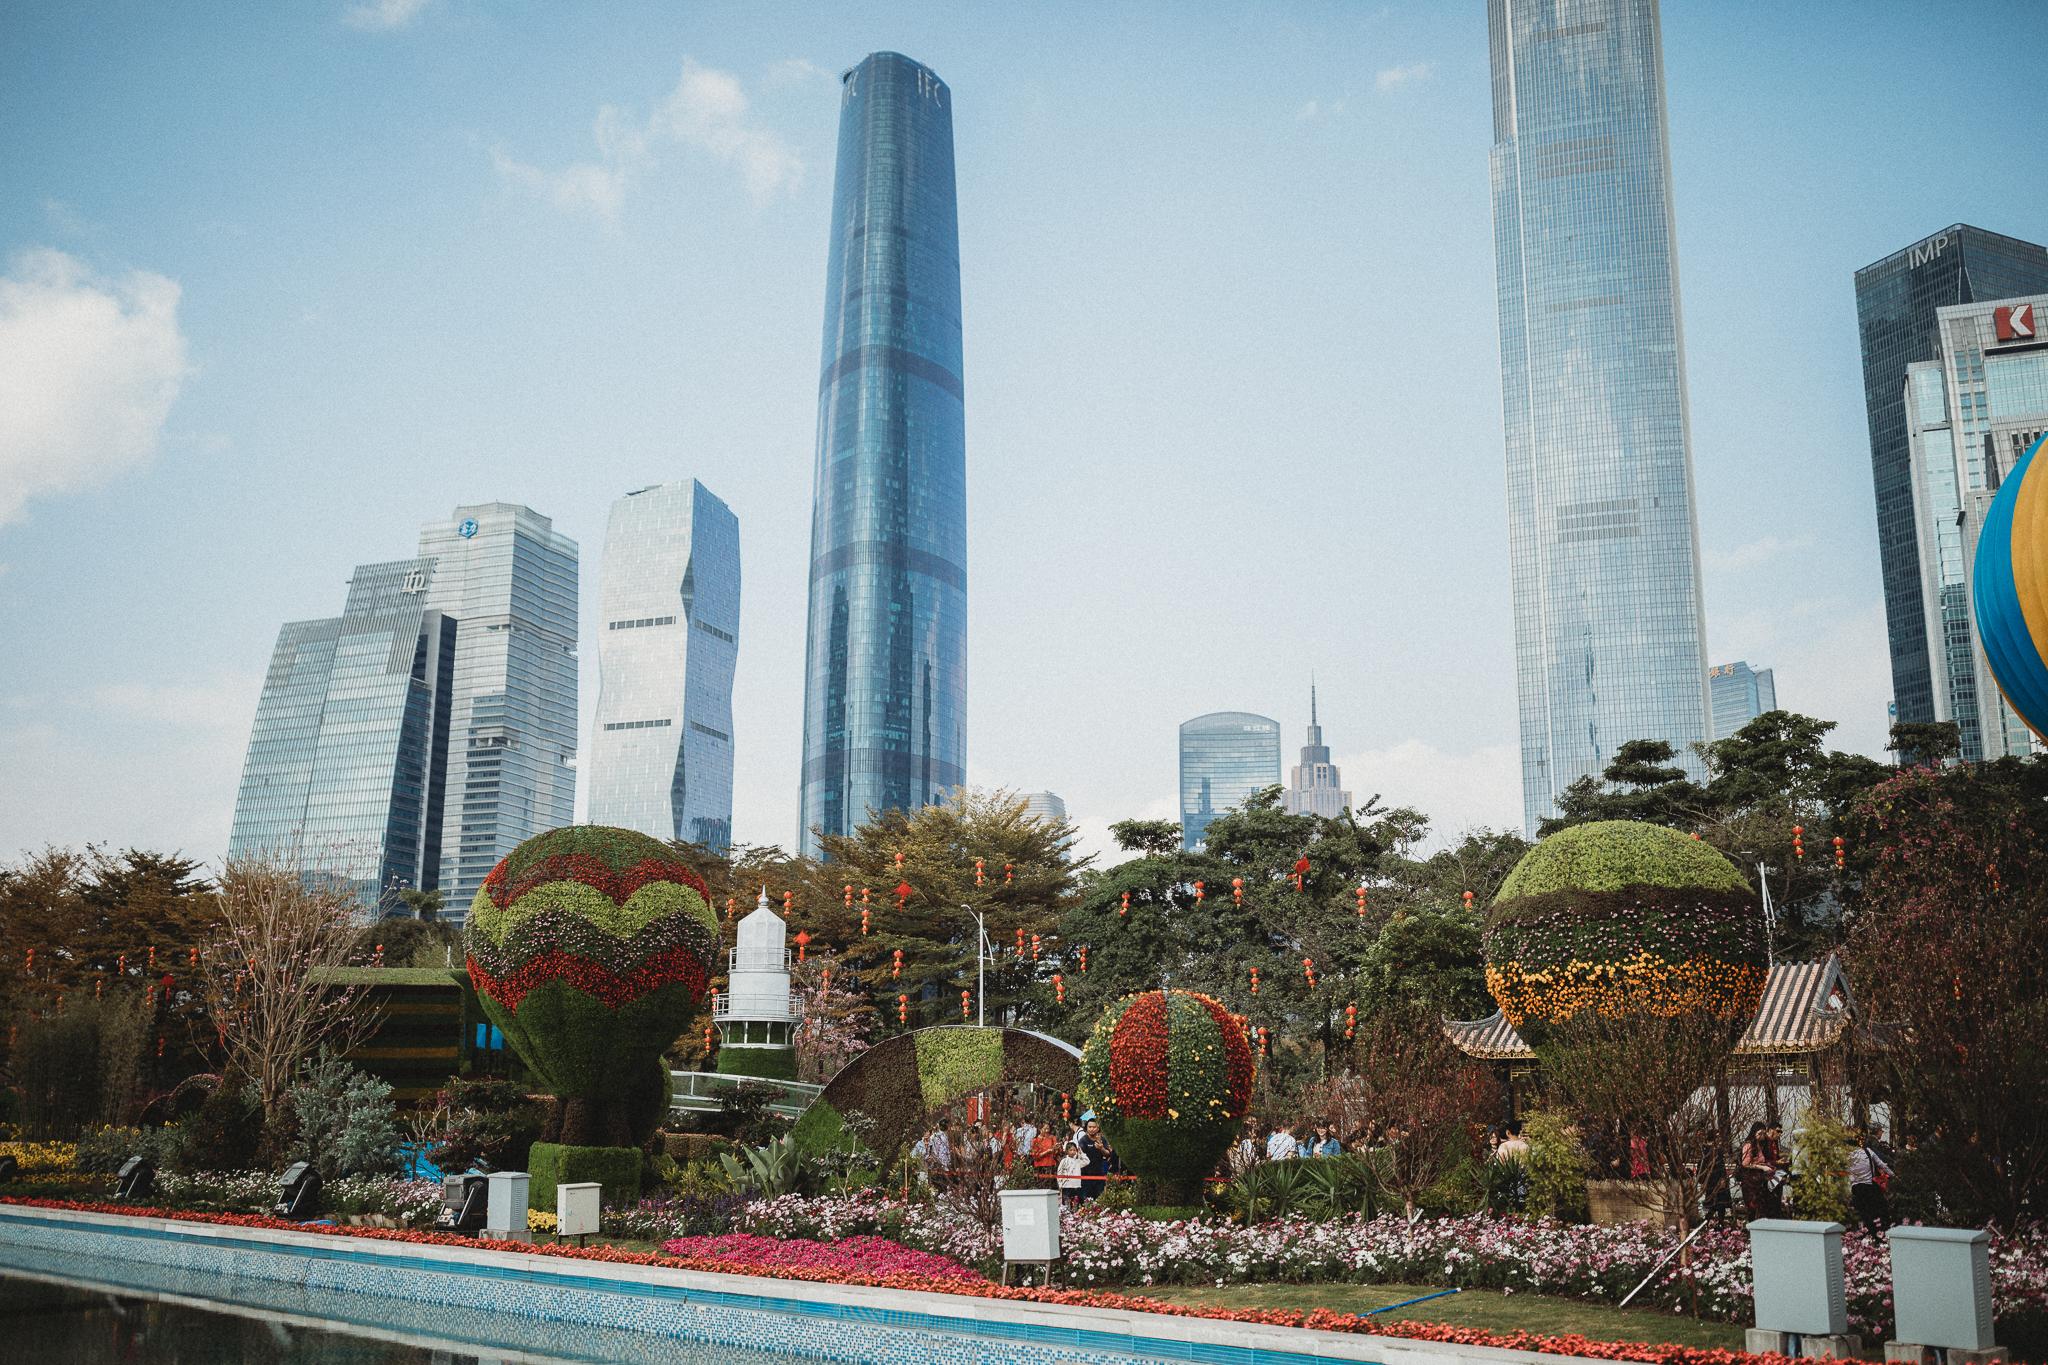 Haixinsha Flower festival, Chinese New Year, Guangzhou China (10 of 20).jpg